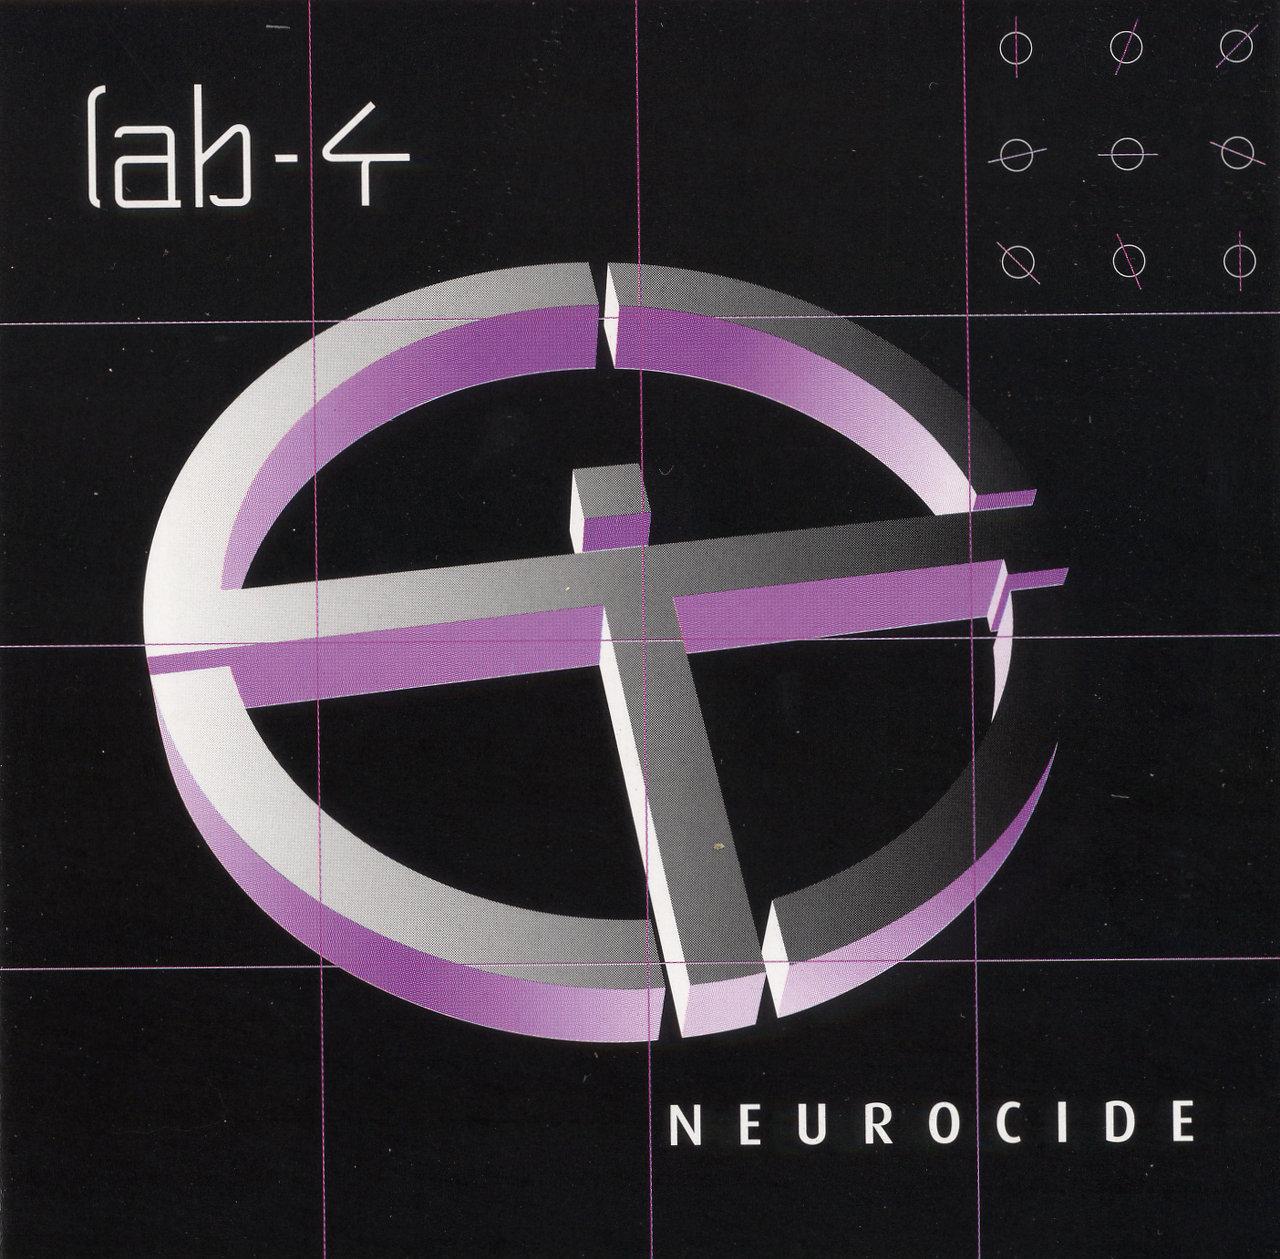 Neurocide